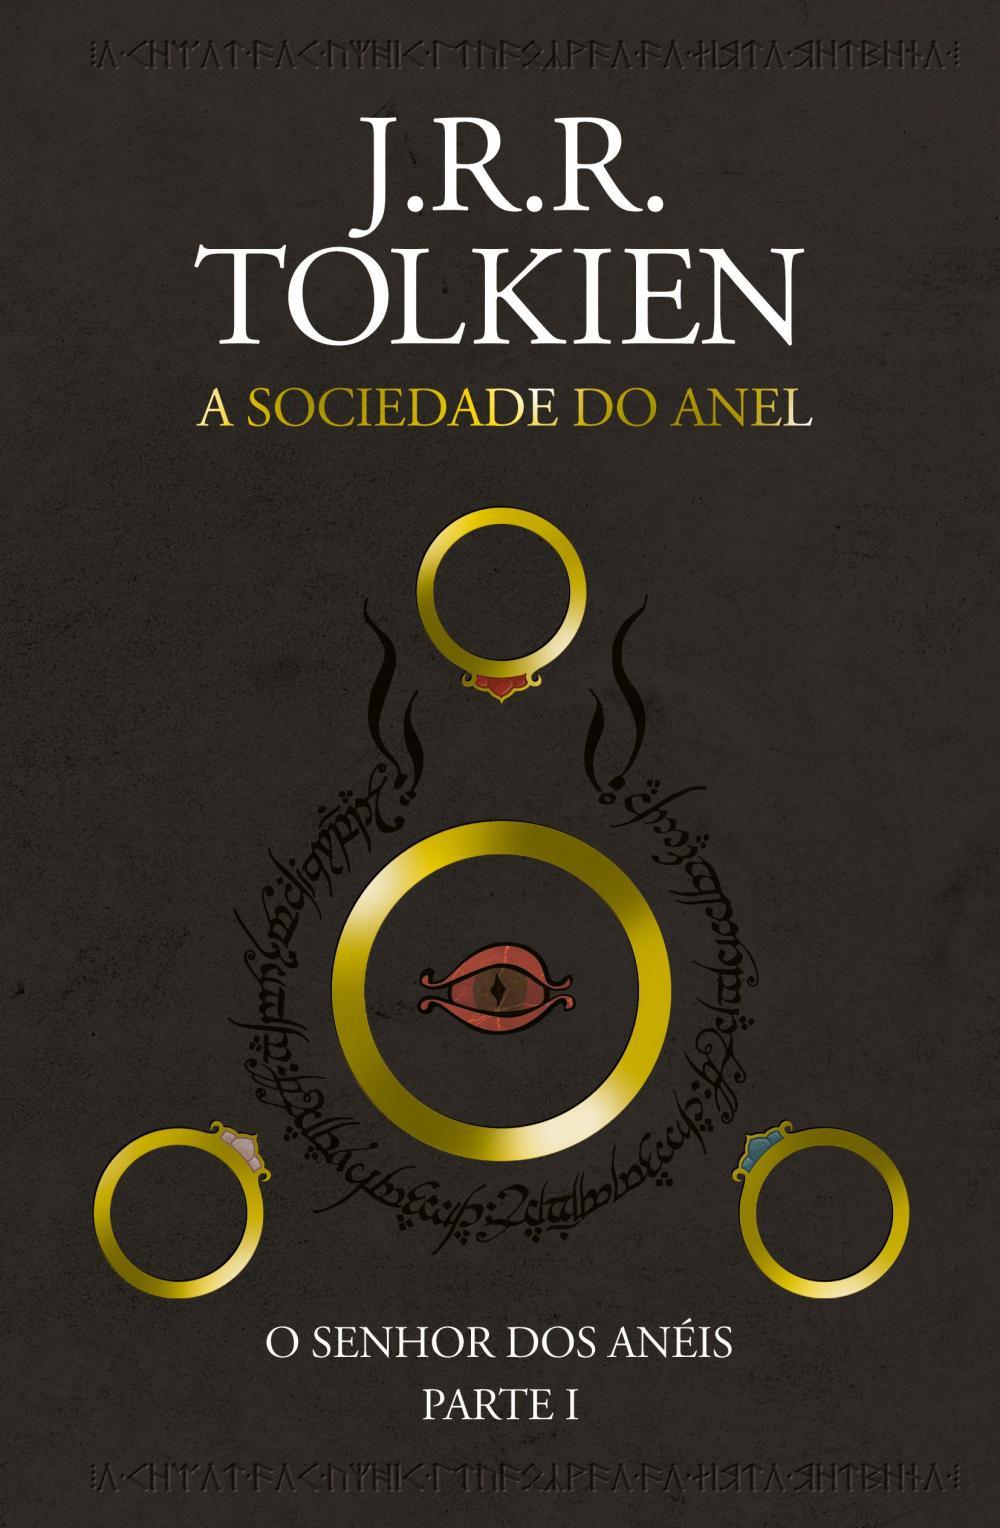 LIVRO - BOX TRILOGIA O SENHOR DOS ANÉIS - J.R.R. TOLKIEN